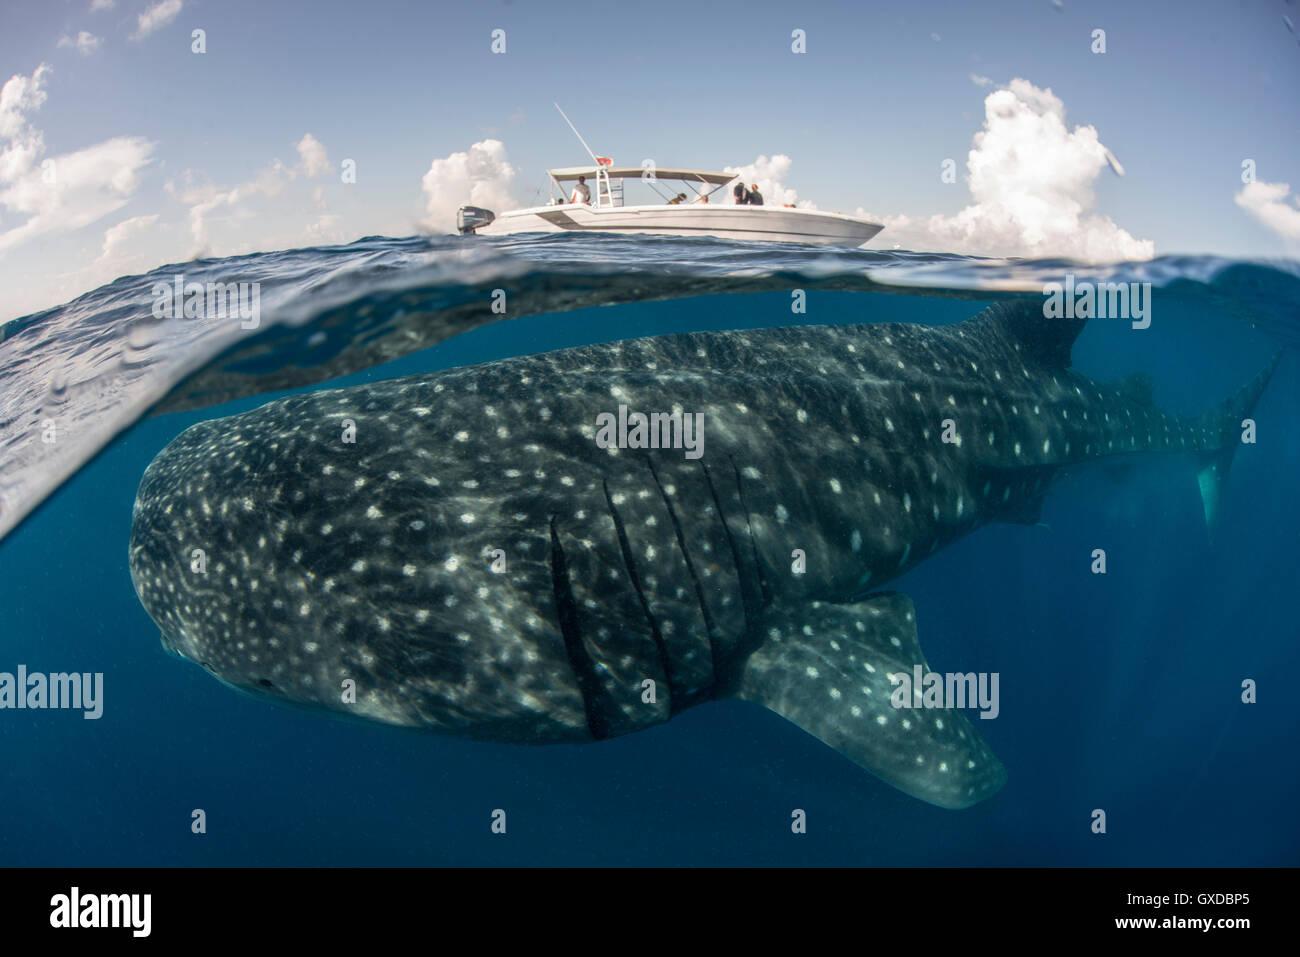 Gran tiburón ballena (Rhincodon typus) pasando por debajo de la superficie del mar en barco, Isla Mujeres, Imagen De Stock